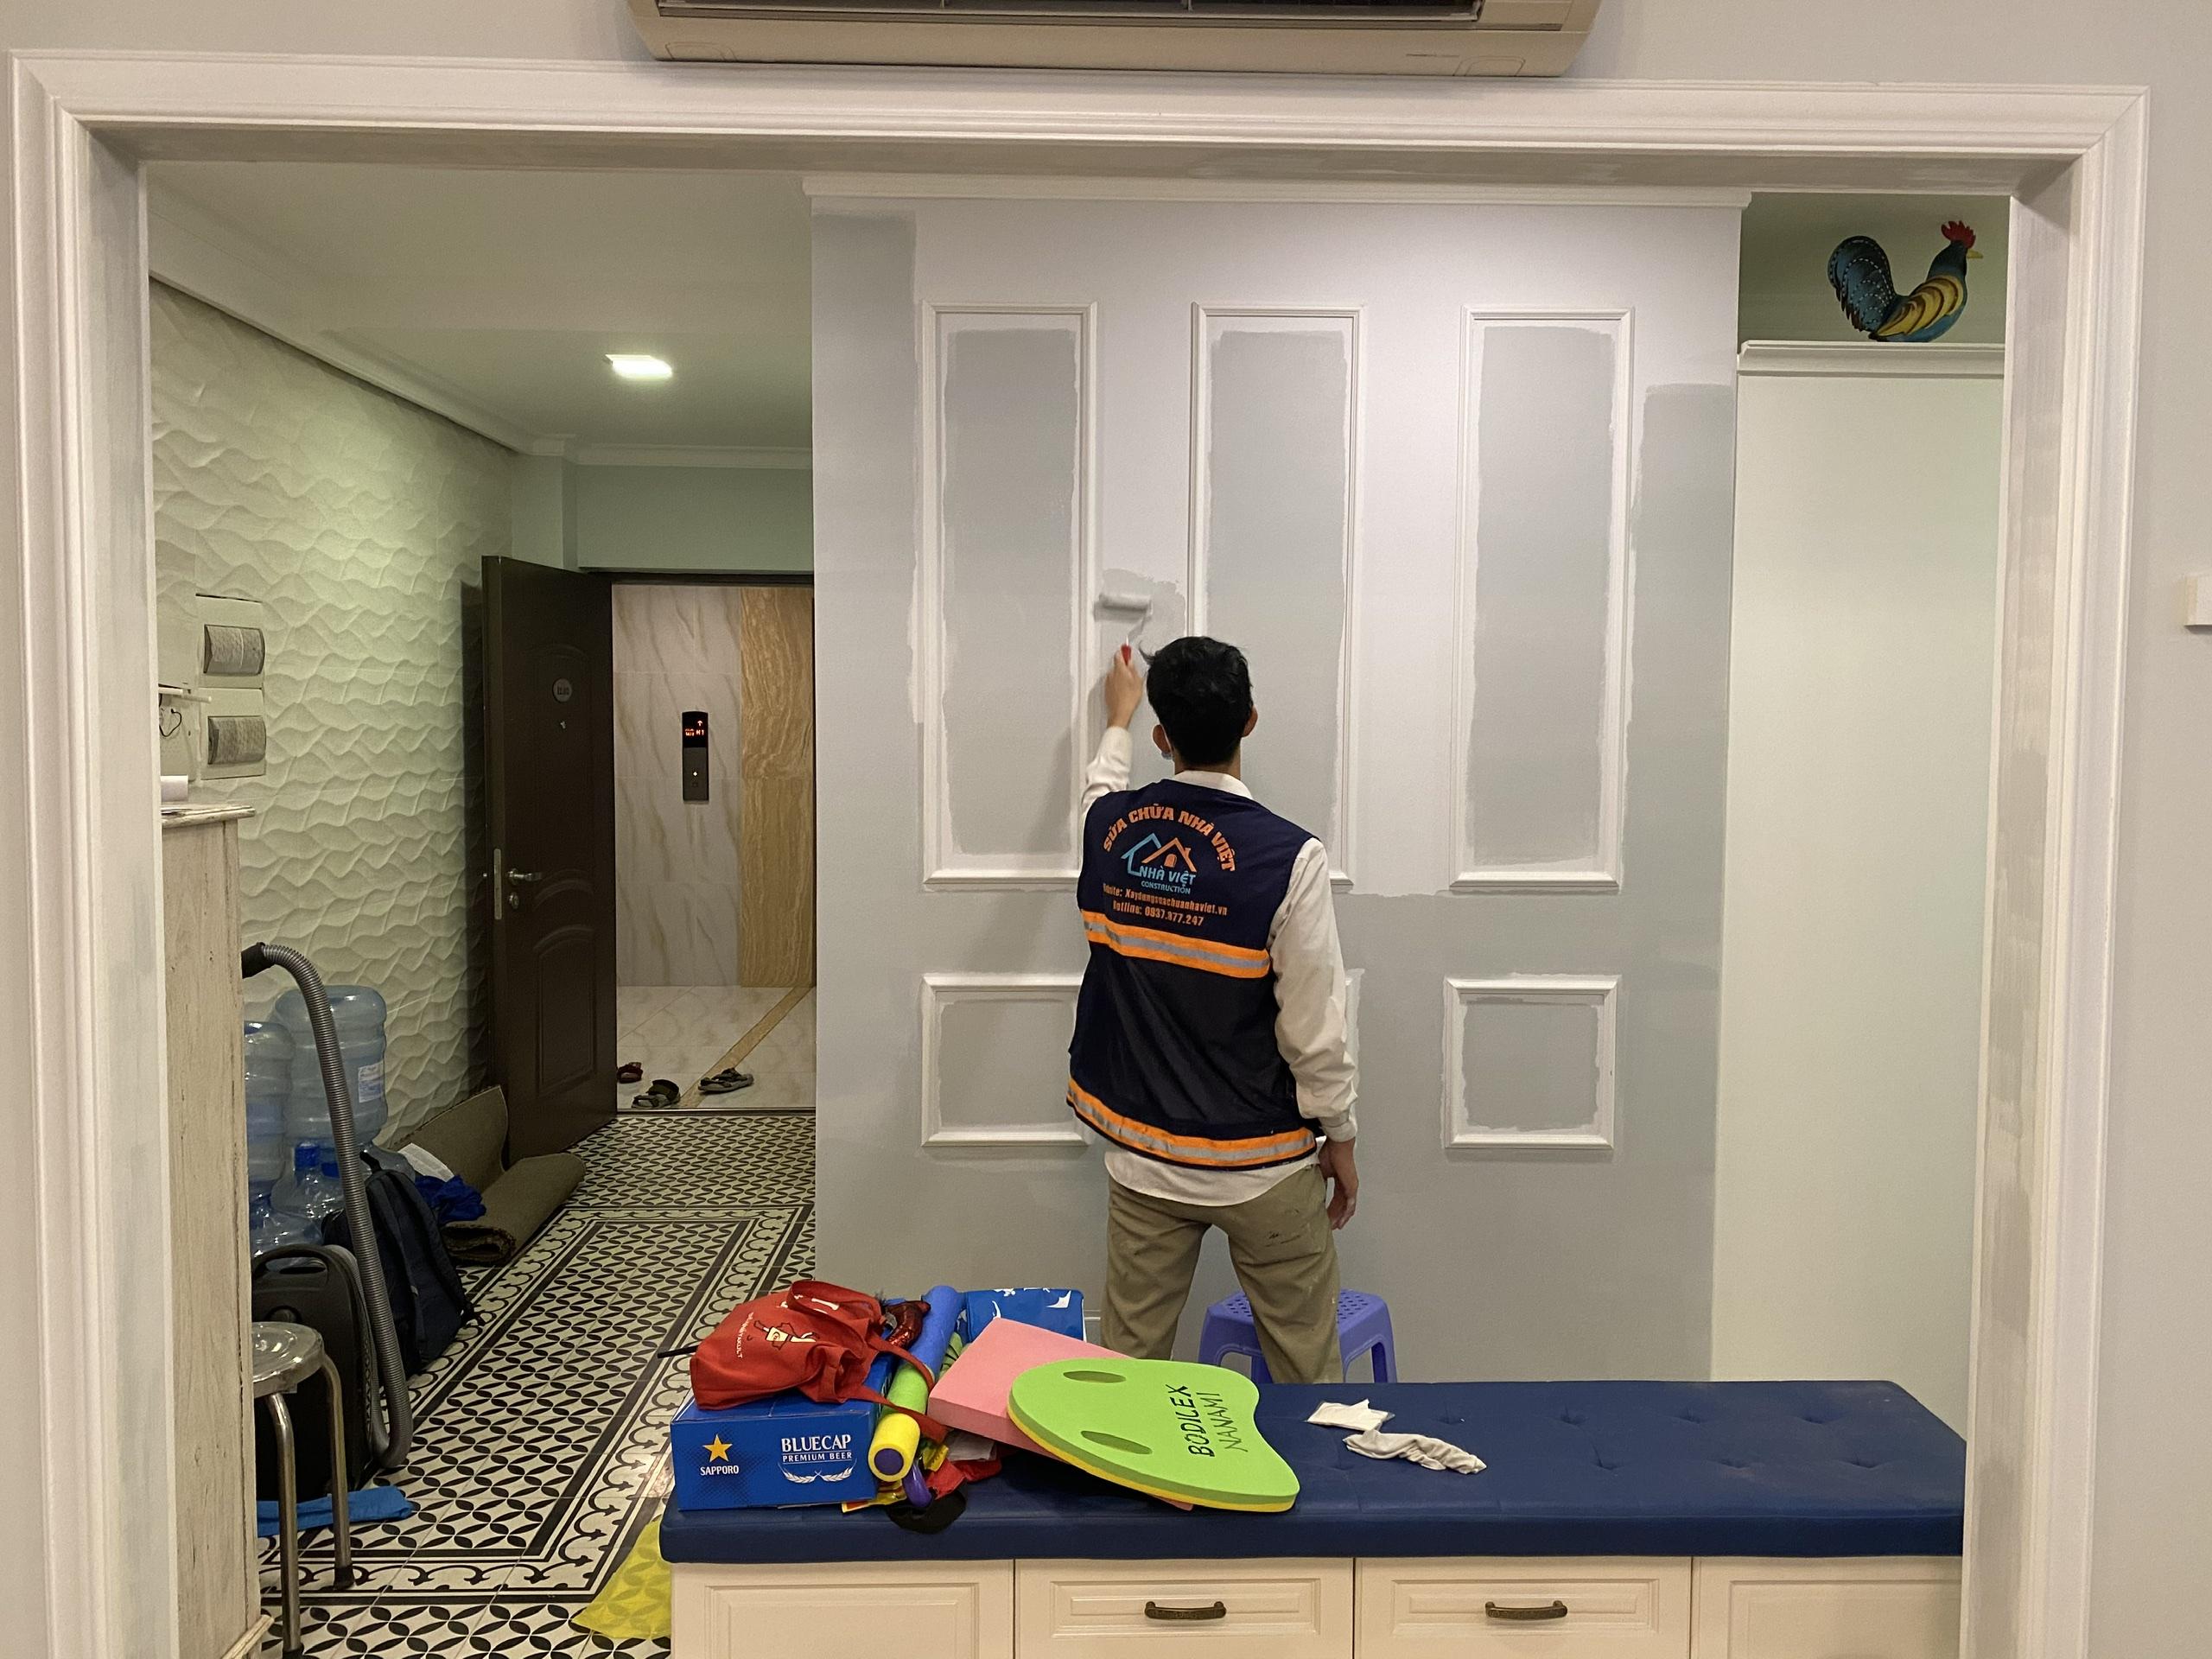 gia thi cong son nuoc 1 - Báo giá thi công sơn nước mới nhất, rẻ nhất tại Tp Hồ Chí Minh